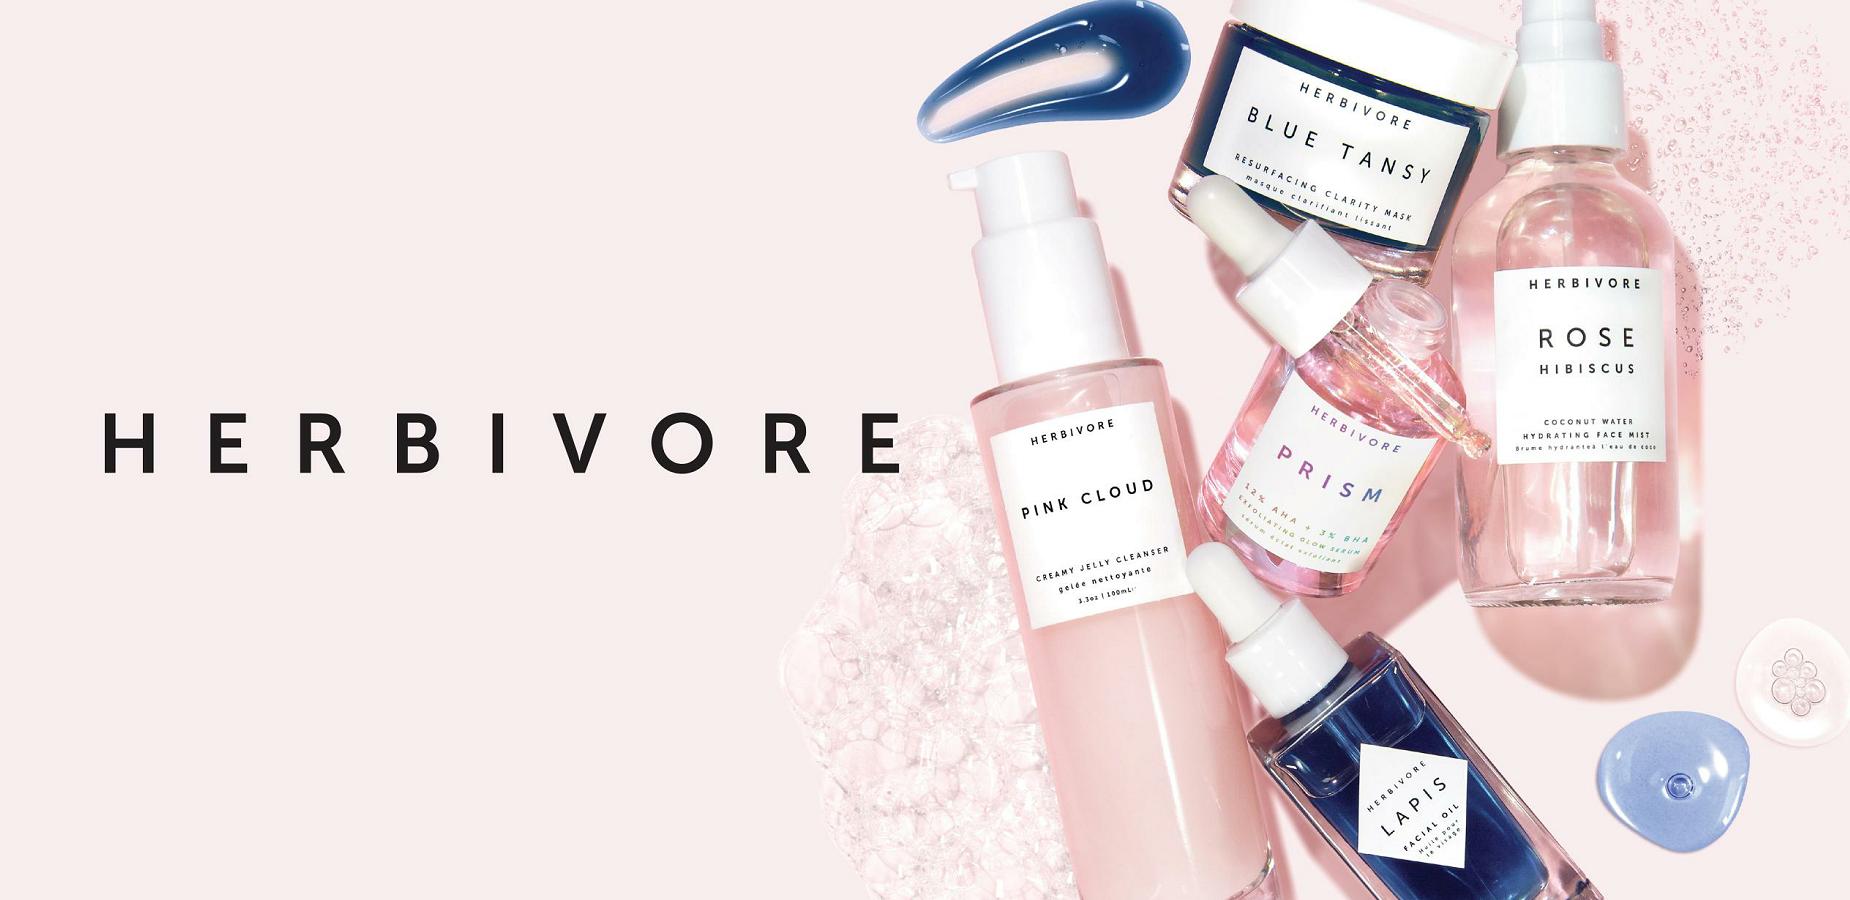 天然护肤品牌HERBIVORE正式入驻天猫国际,邀您共启纯净焕肤之旅